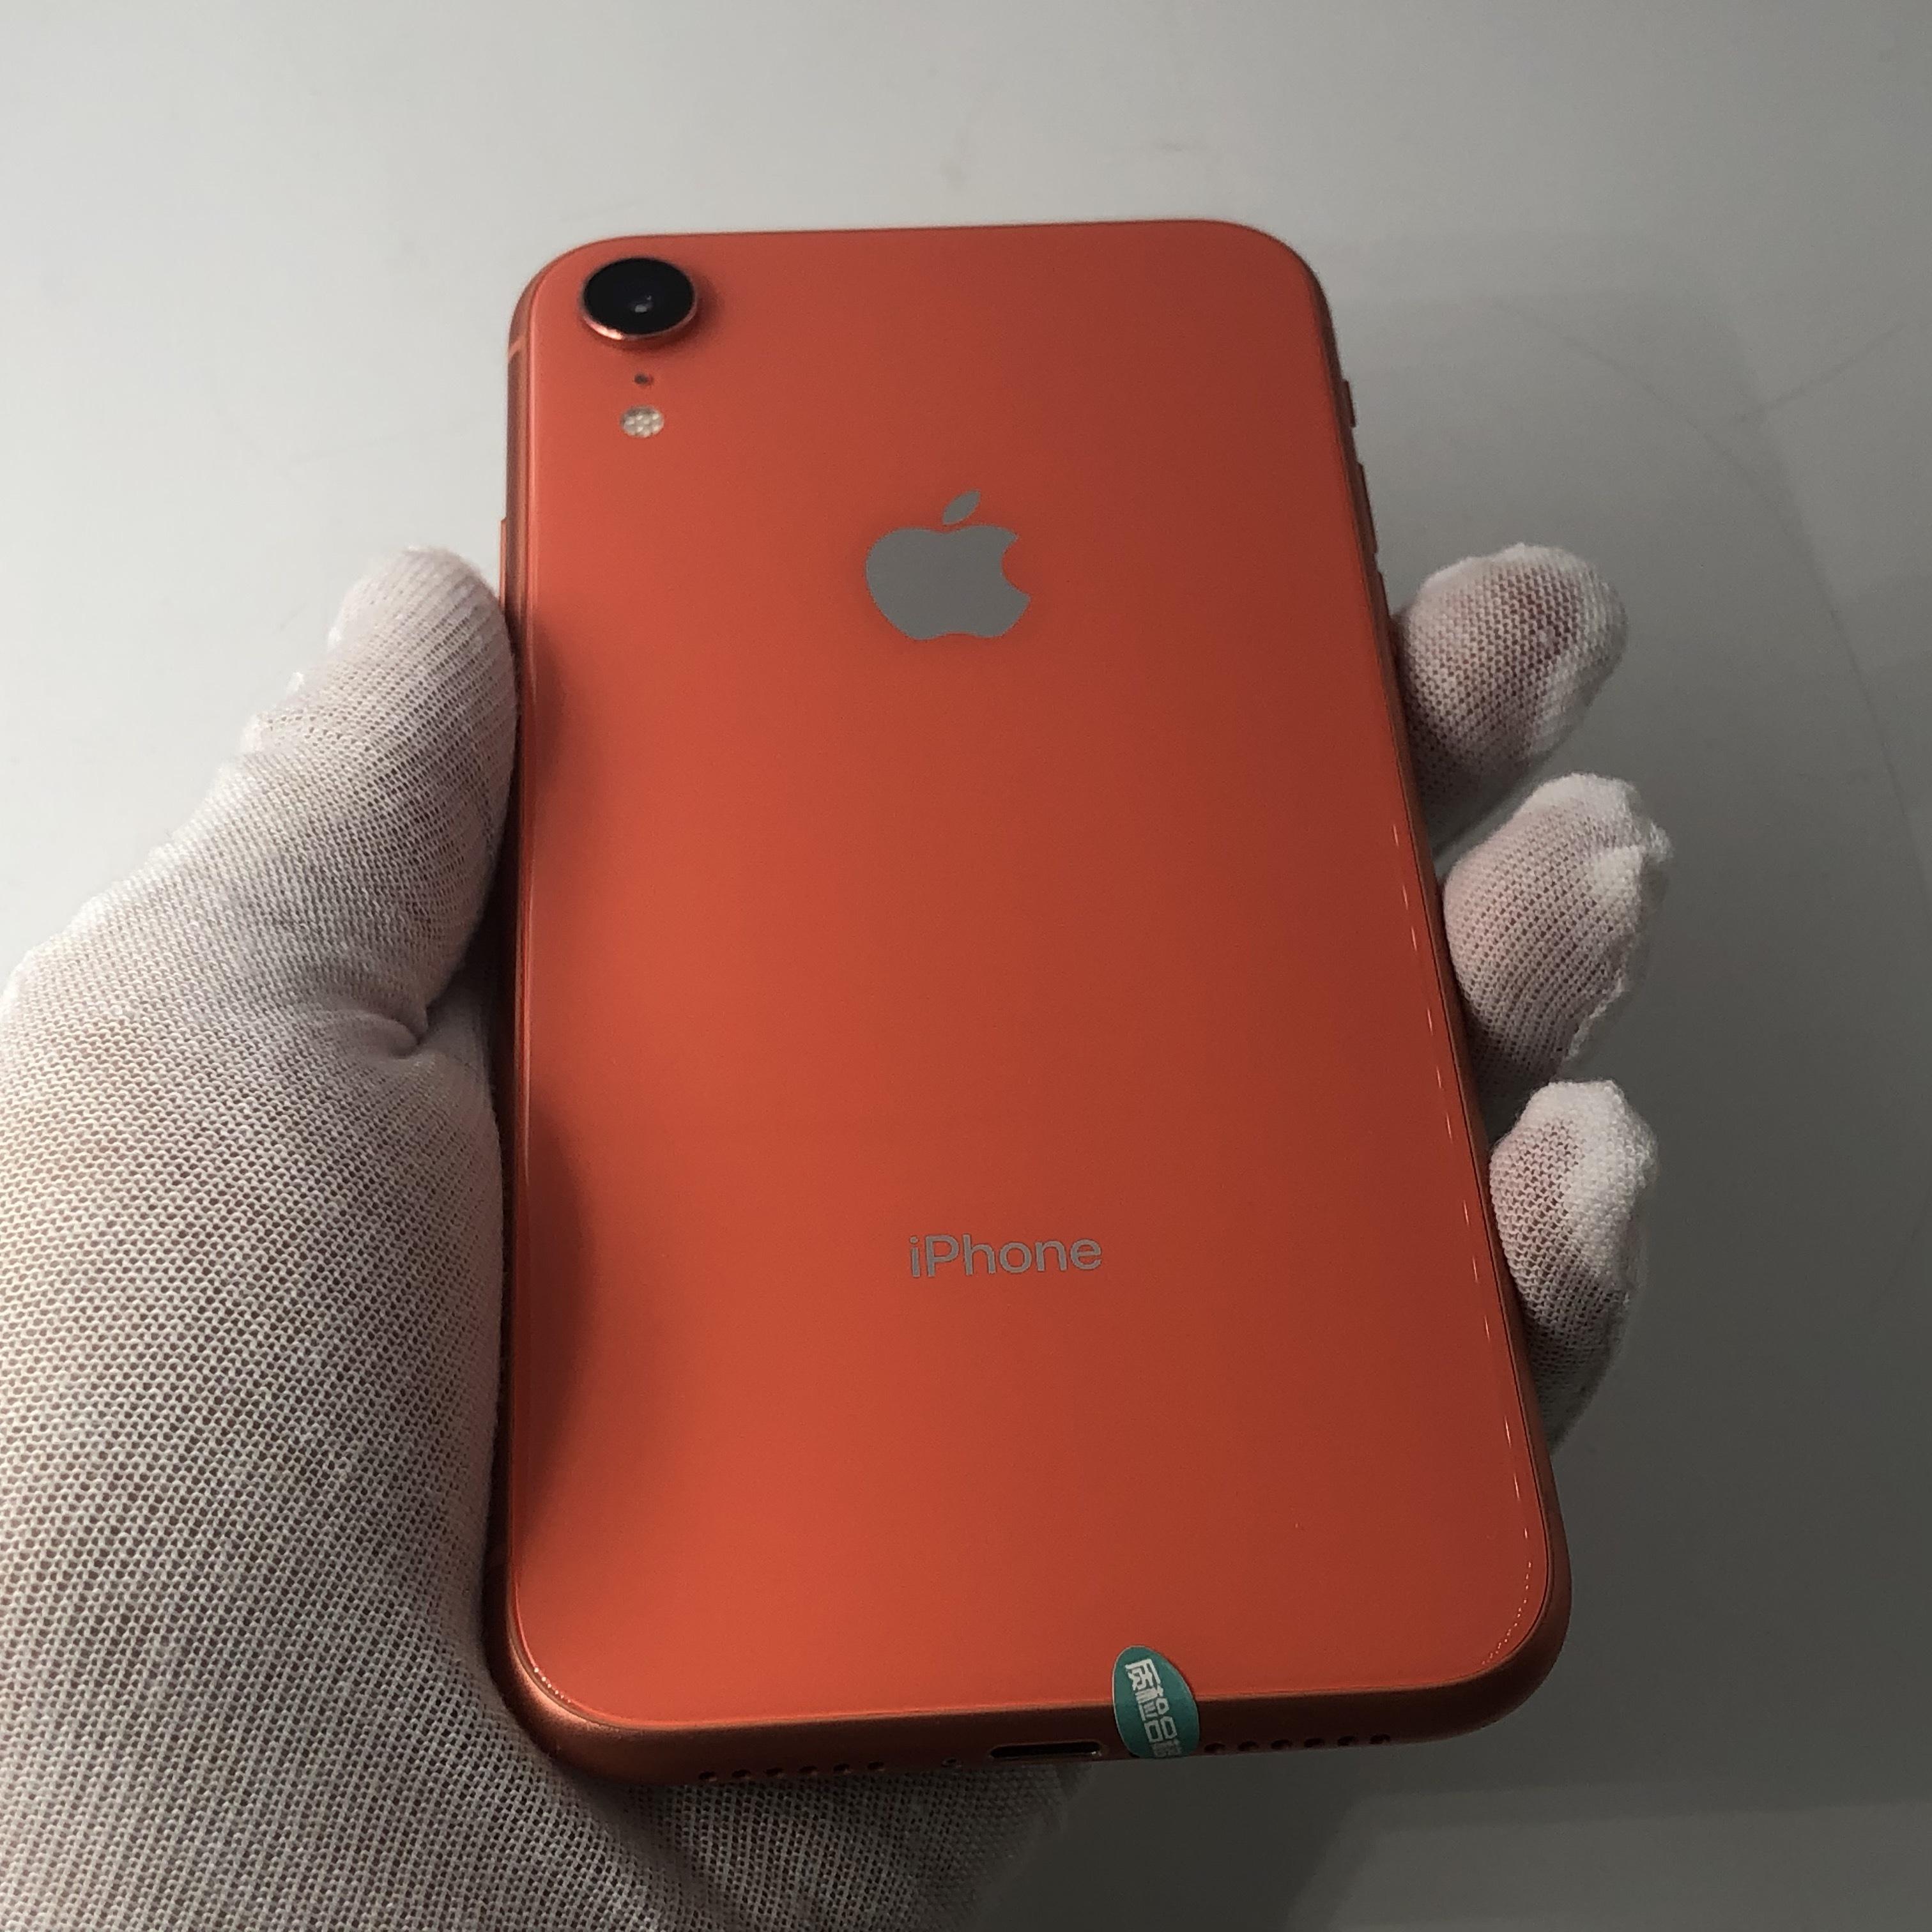 苹果【iPhone XR】4G全网通 珊瑚色 128G 国行 95新